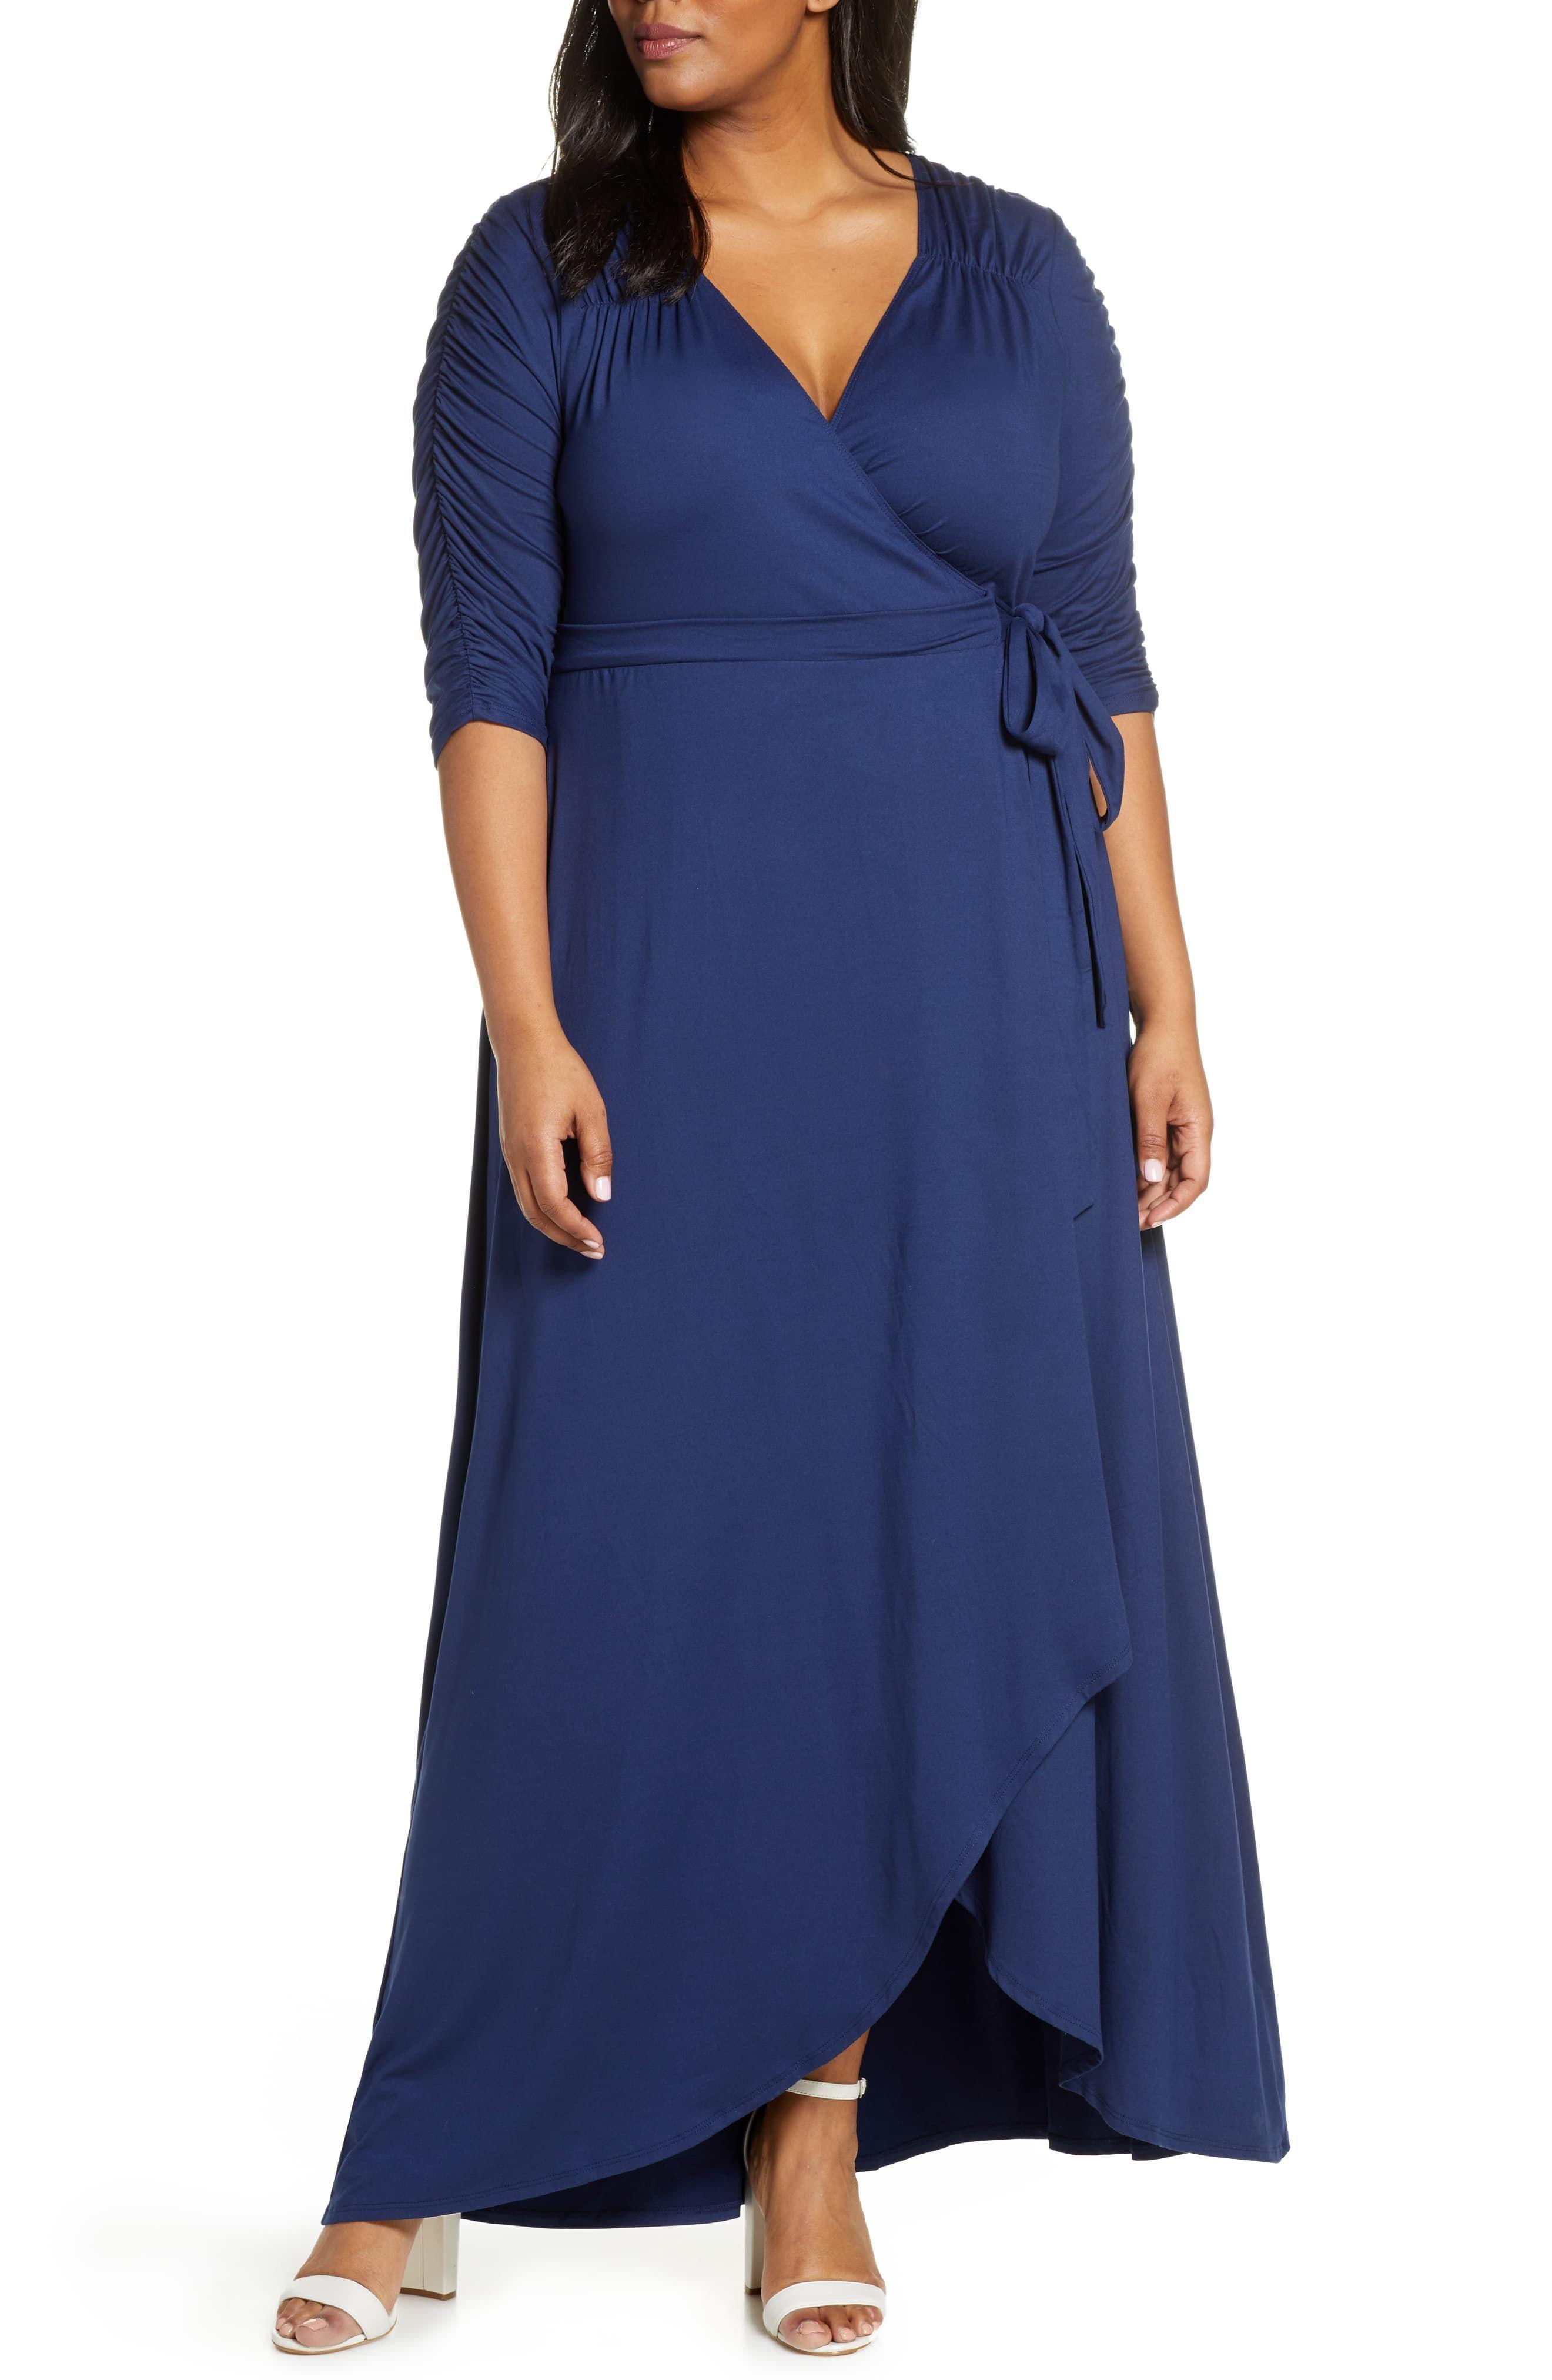 Pin By Ini Utuk On Plus Size Black Dresses Plus Size Maxi Dresses Maxi Dress Plus Size Black Dresses [ 4048 x 2640 Pixel ]